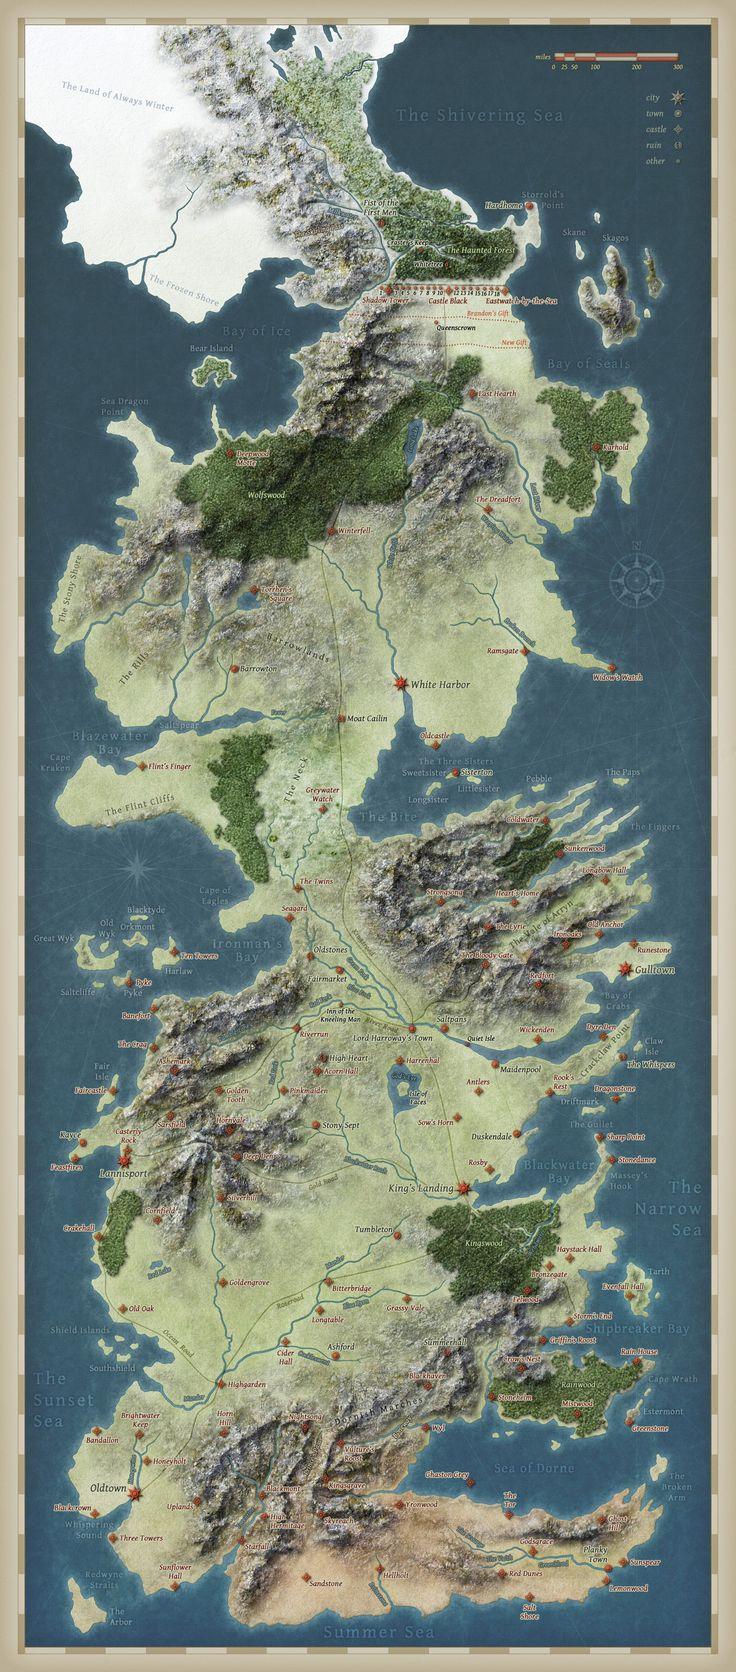 Mapa hecho a mano de los Siete Reinos de Poniente, de la saga Canción de Hielo y Fuego.